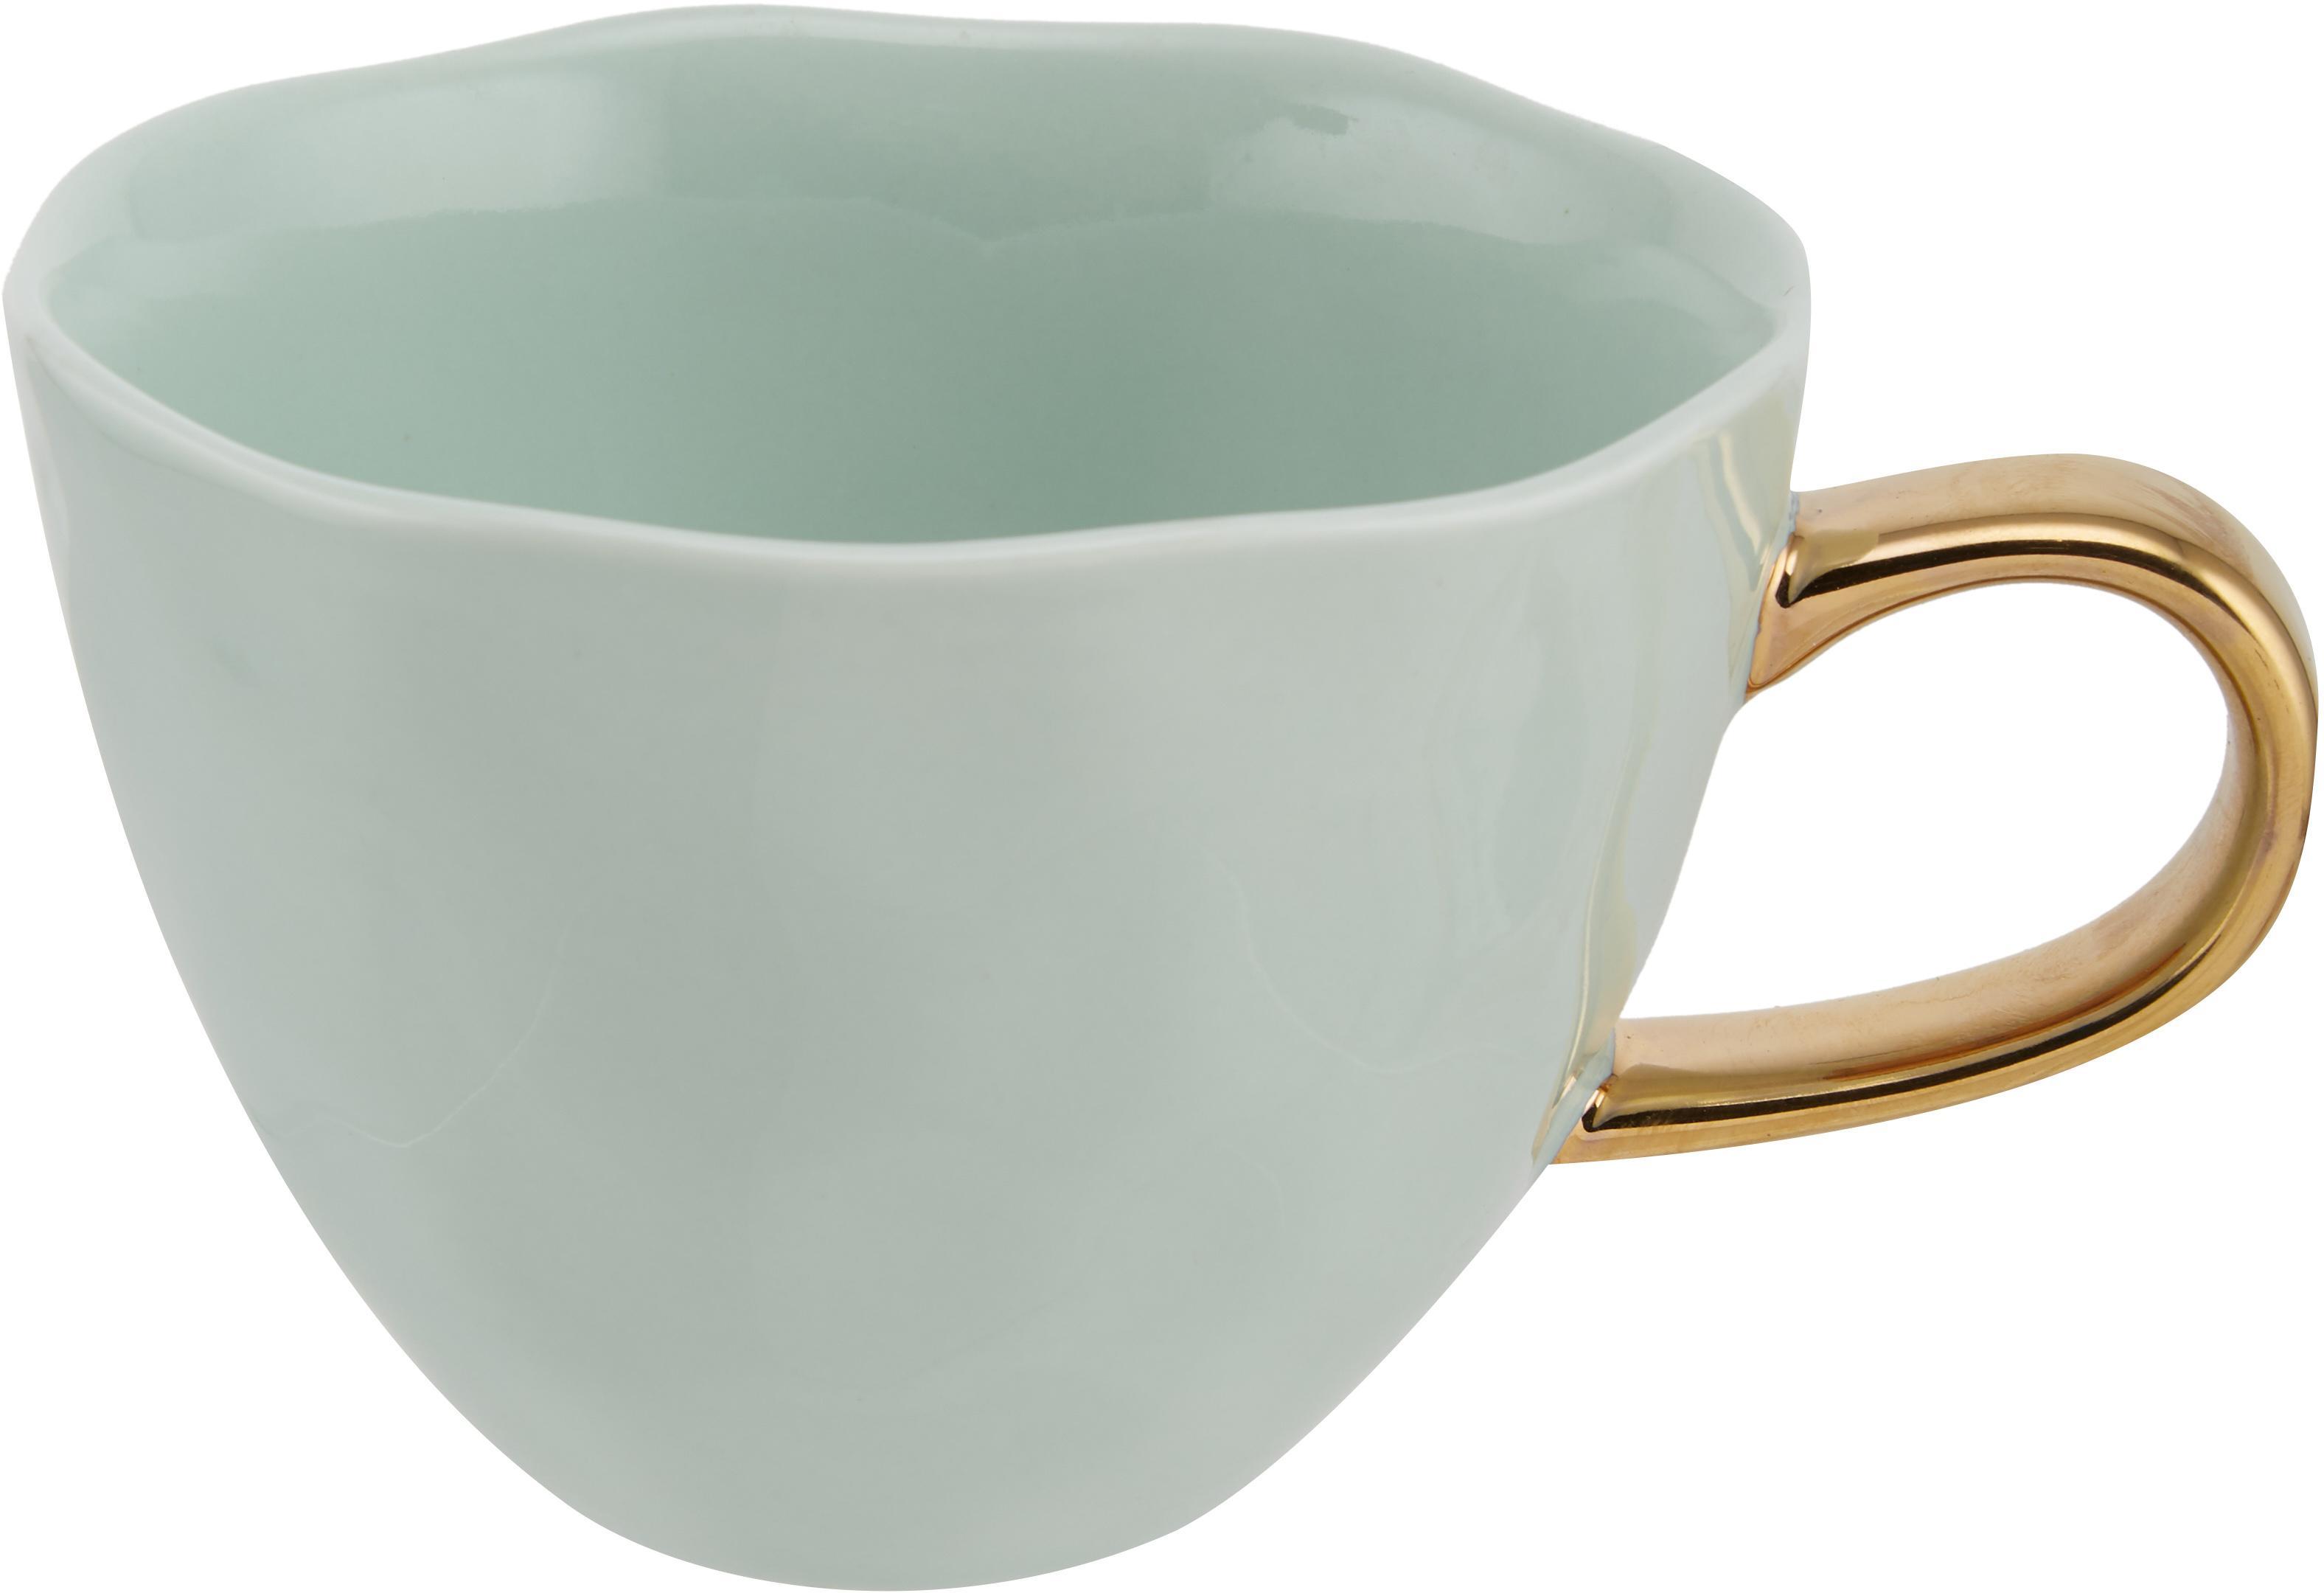 Taza de café Good Morning, Gres, Verde menta, dorado, Ø 11 x Al 8 cm